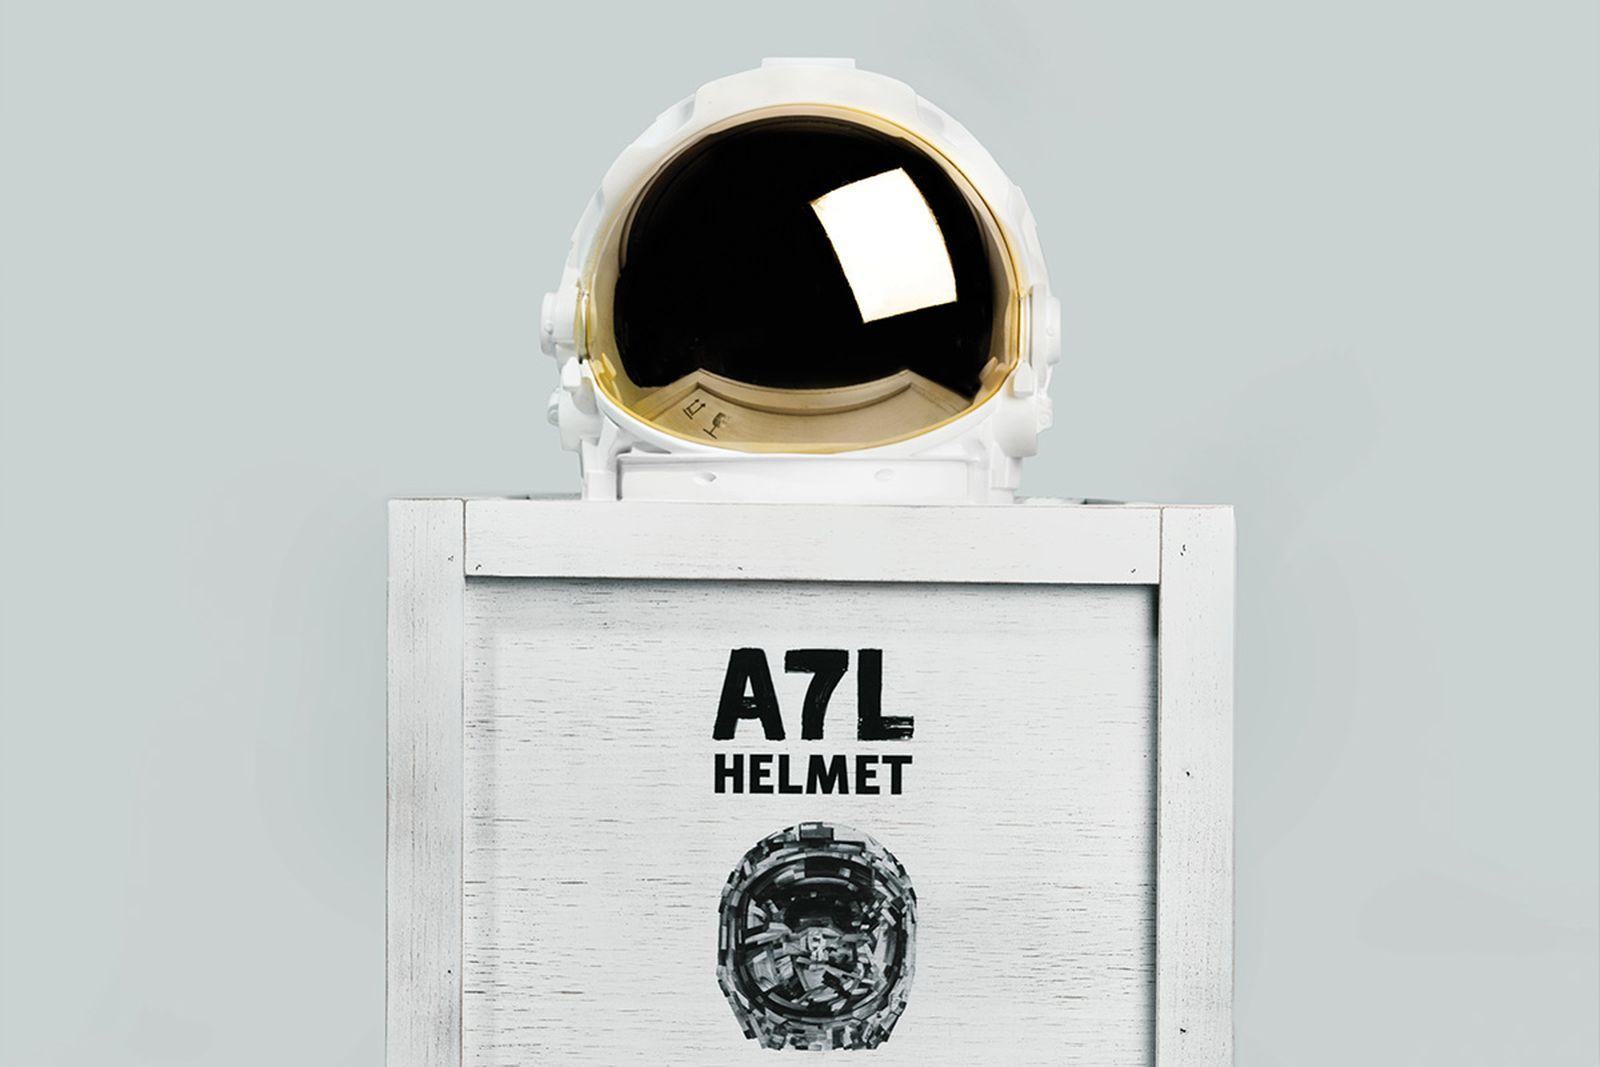 michael-kagan-a7l-helmet-04